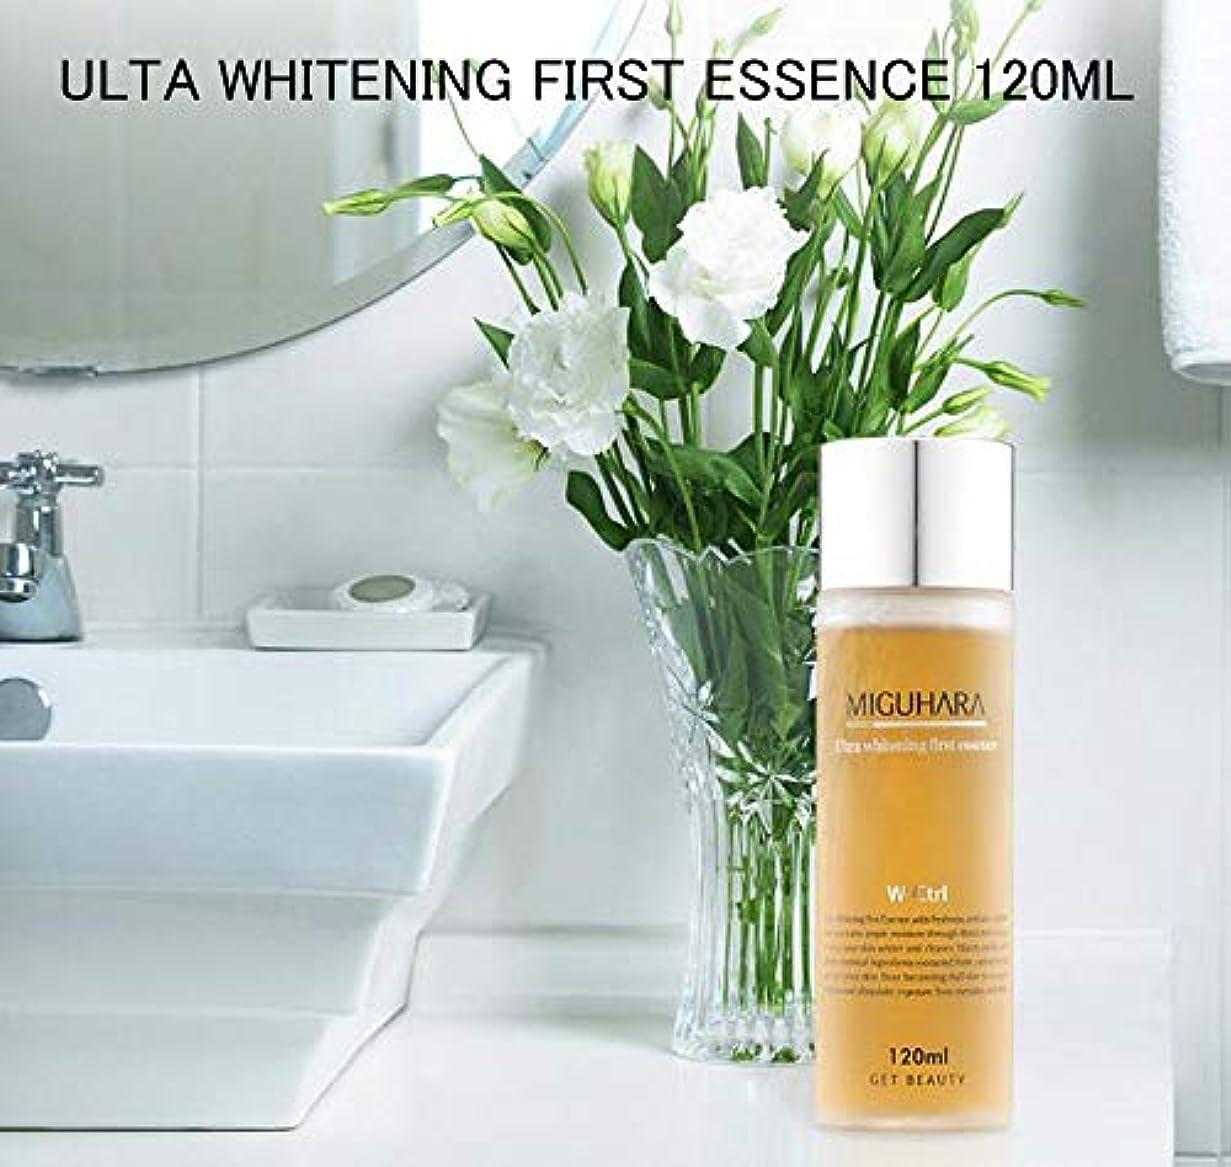 何十人も郵便閉じ込めるMIGUHARA Ultra Whitening First Essence 120ml/ウルトラホワイトニングファーストエッセンス